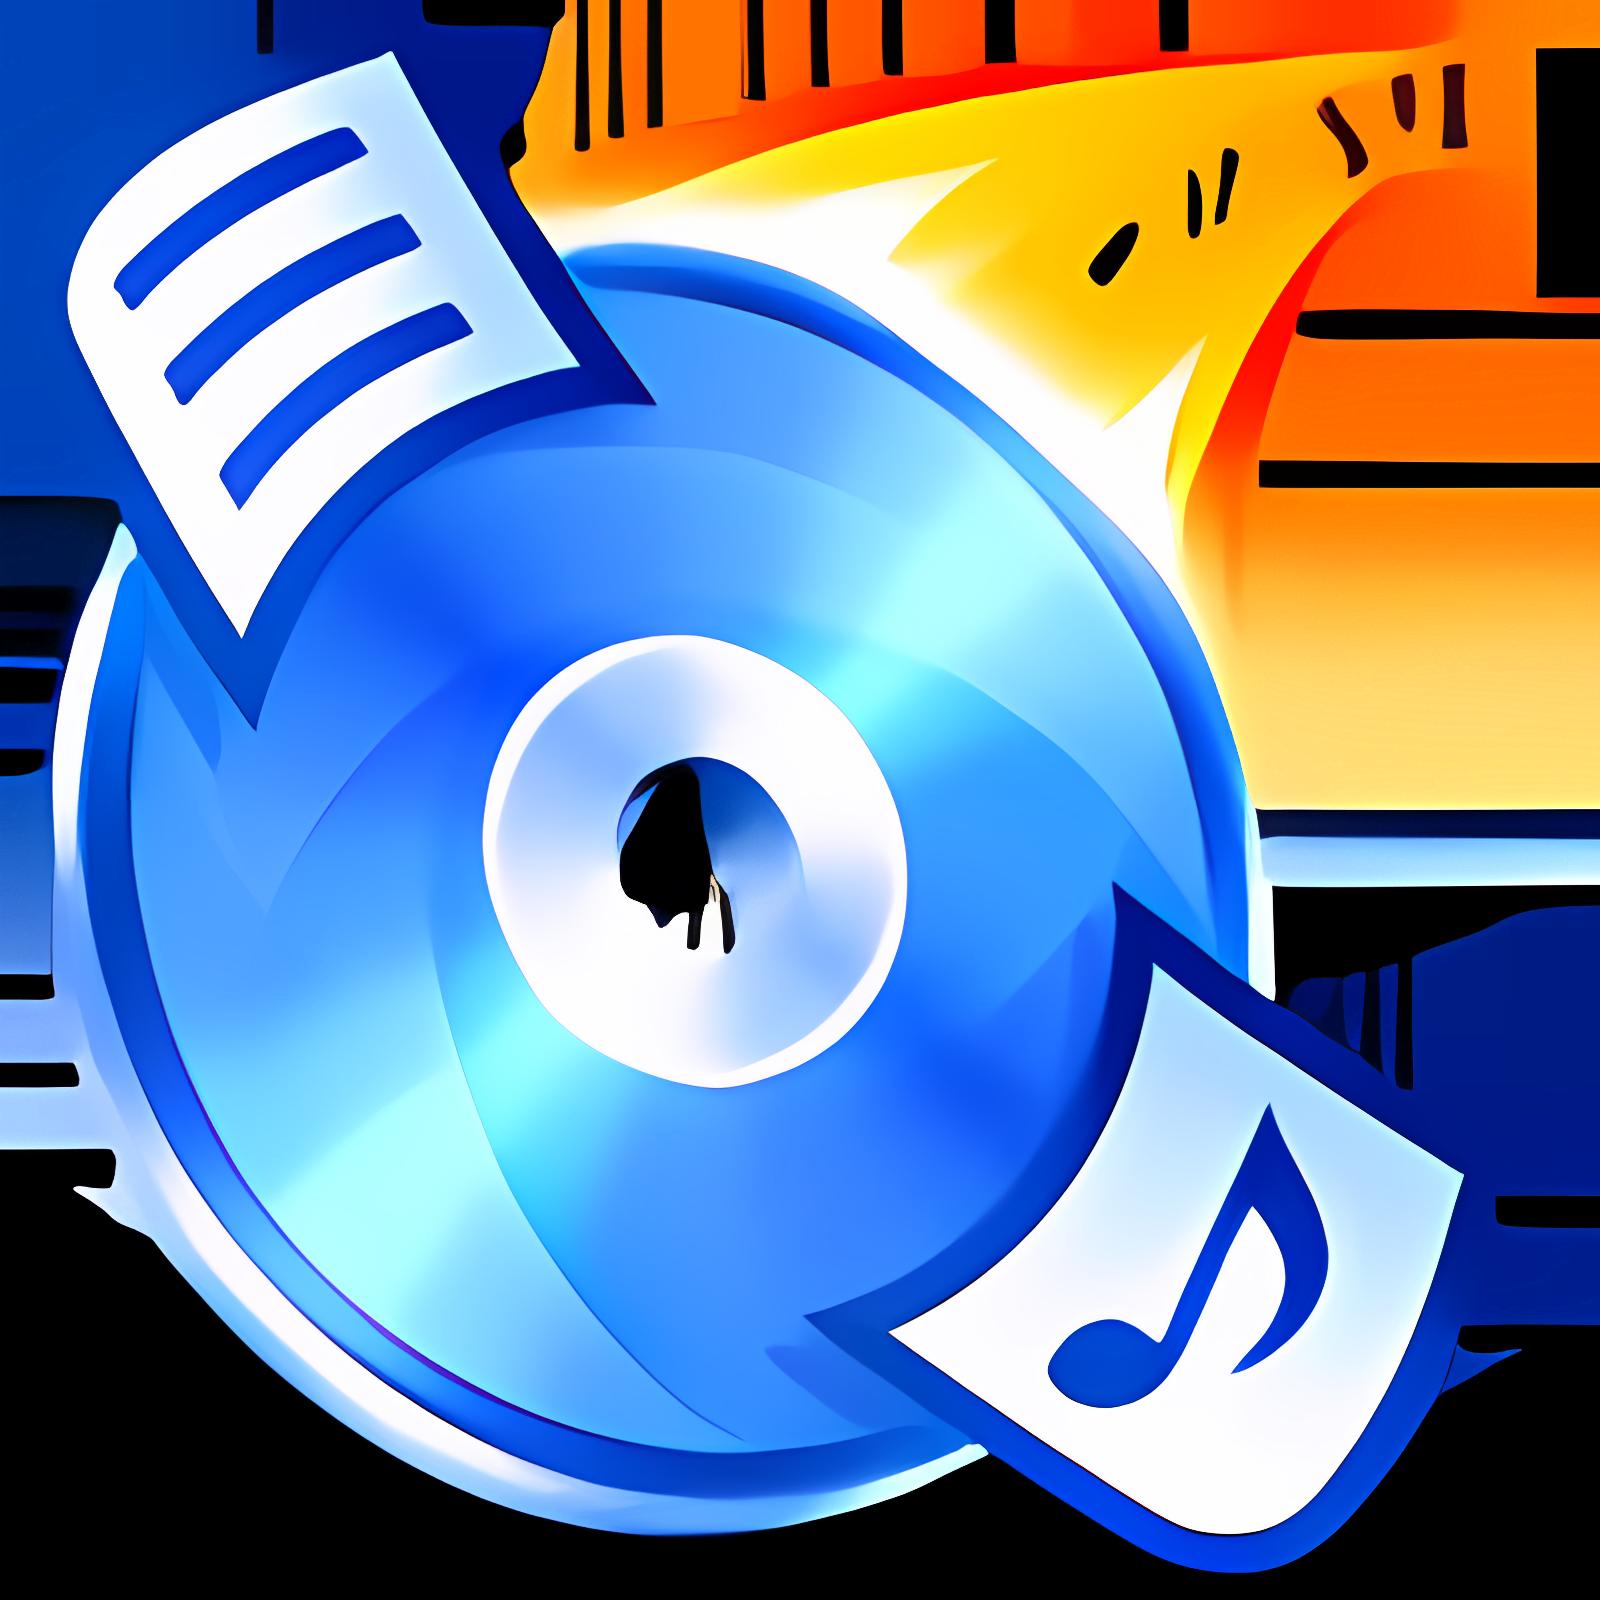 CDBurnerXP Portable